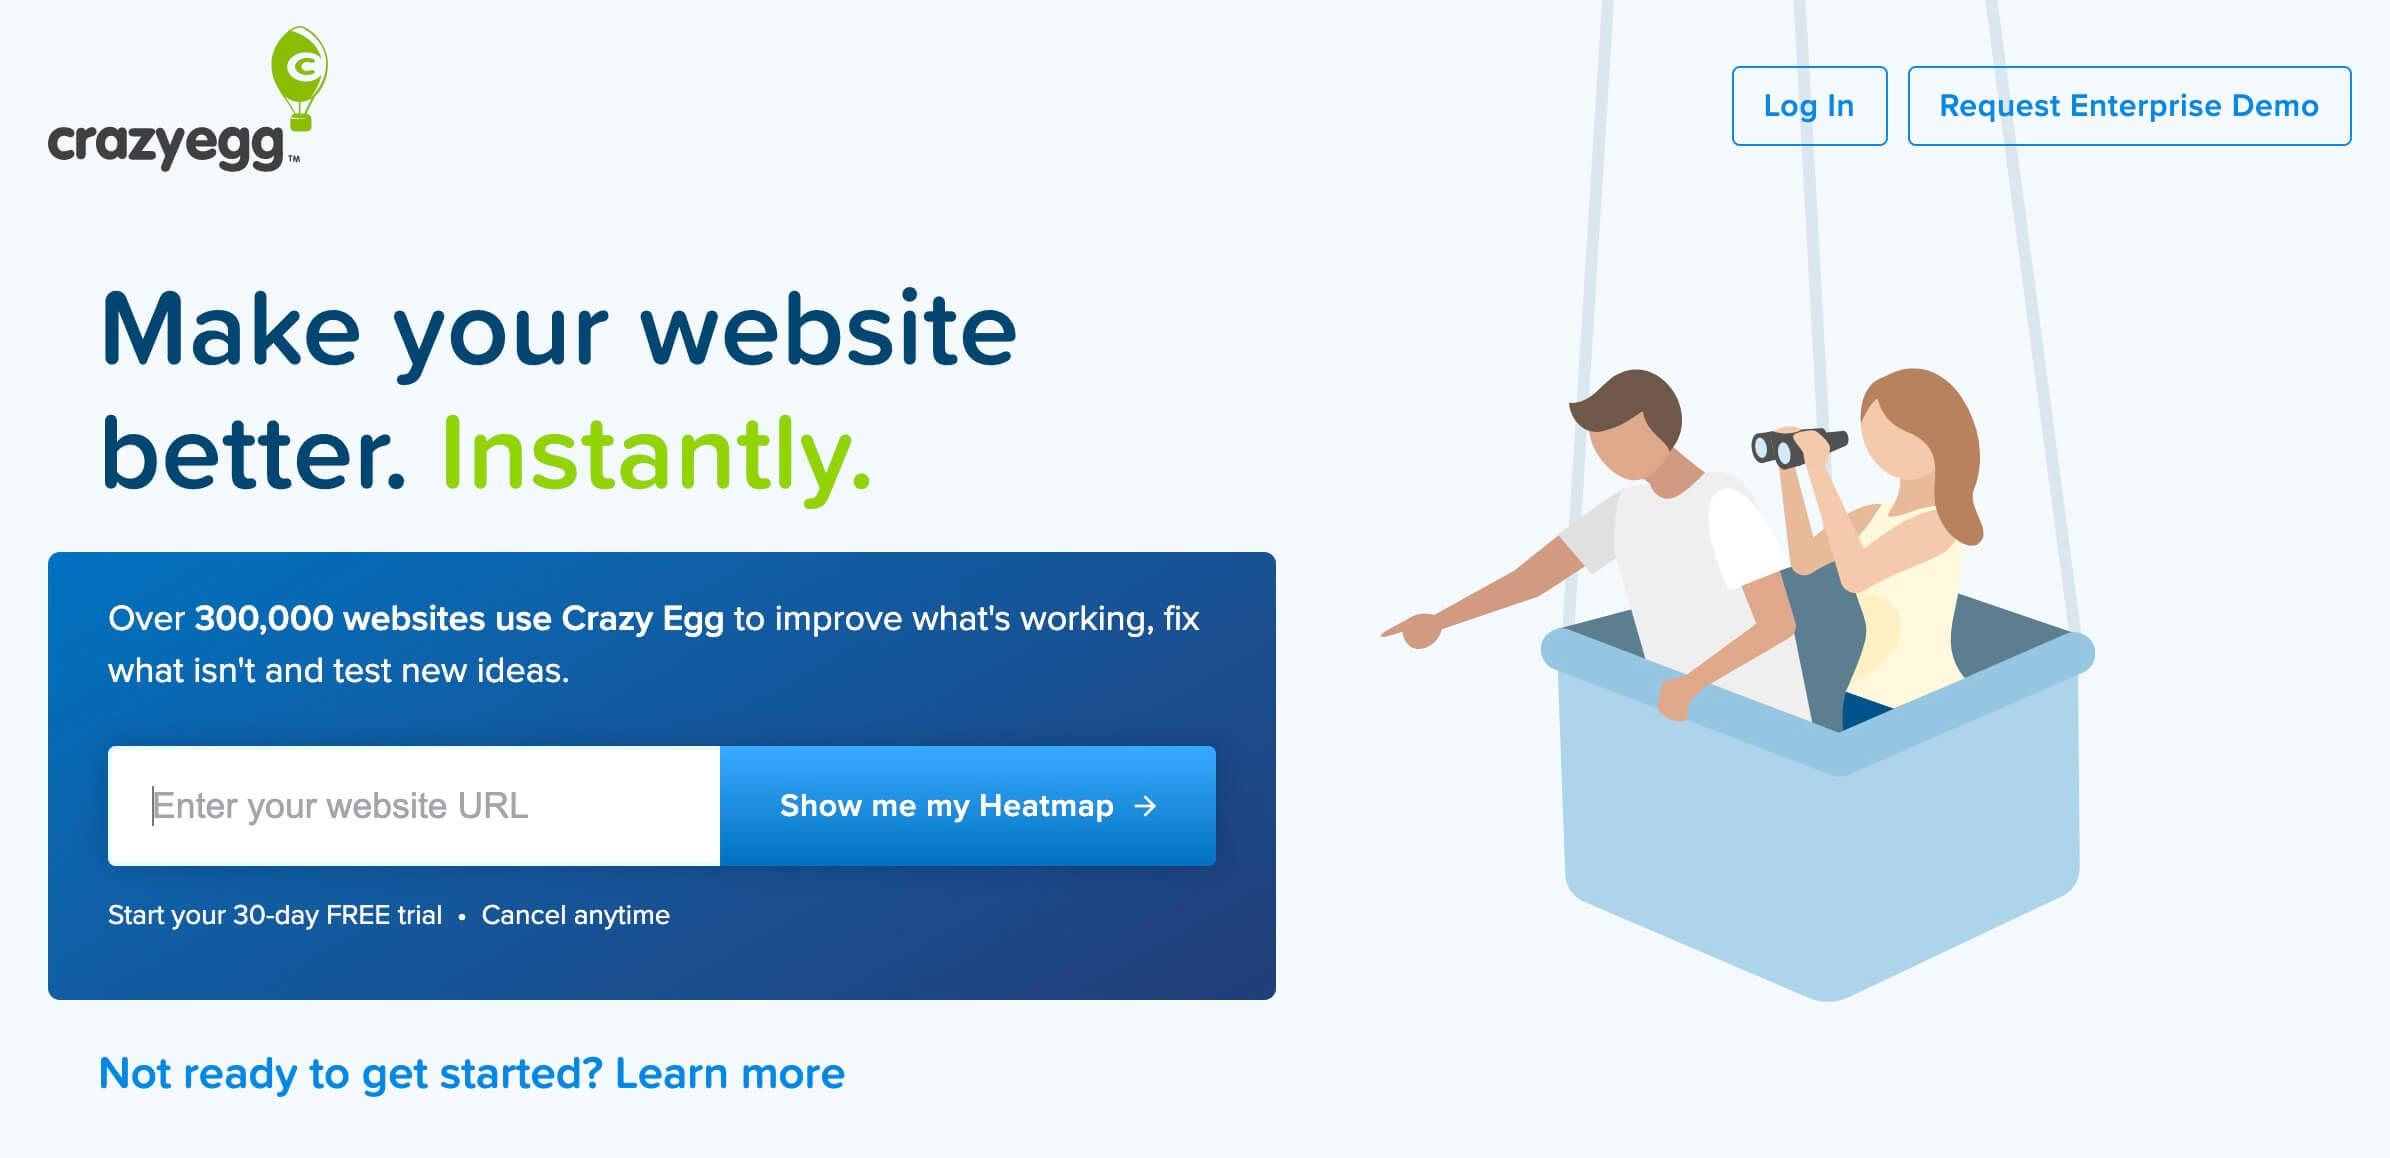 Crazy Egg, rastrea sitios y el rendimiento de cada elemento en las páginas contenidas